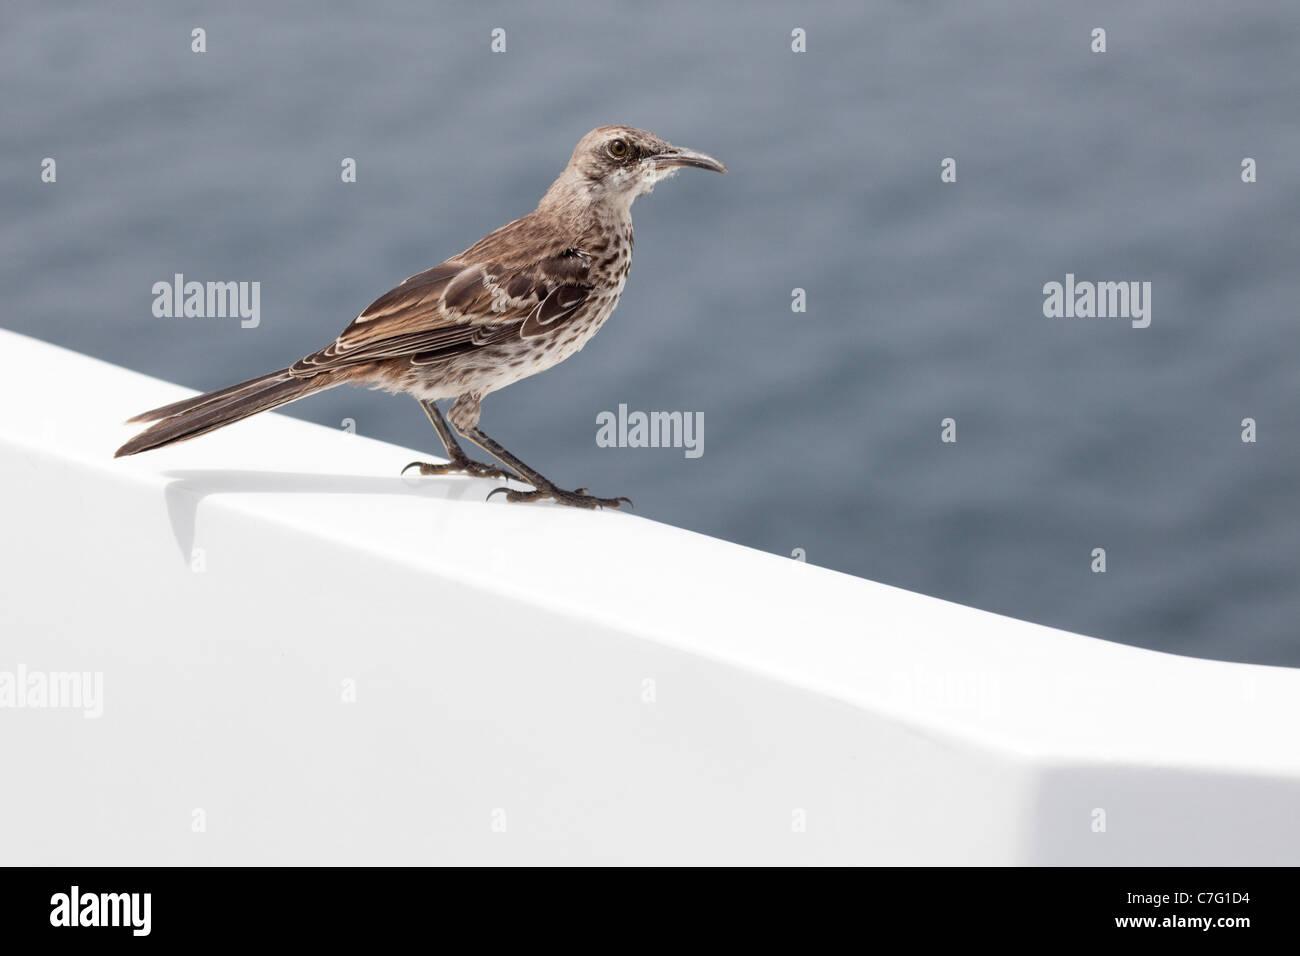 Espanola Mockingbird (Mimus macdonaldi) perché sur un yacht dans l'océan Pacifique Banque D'Images